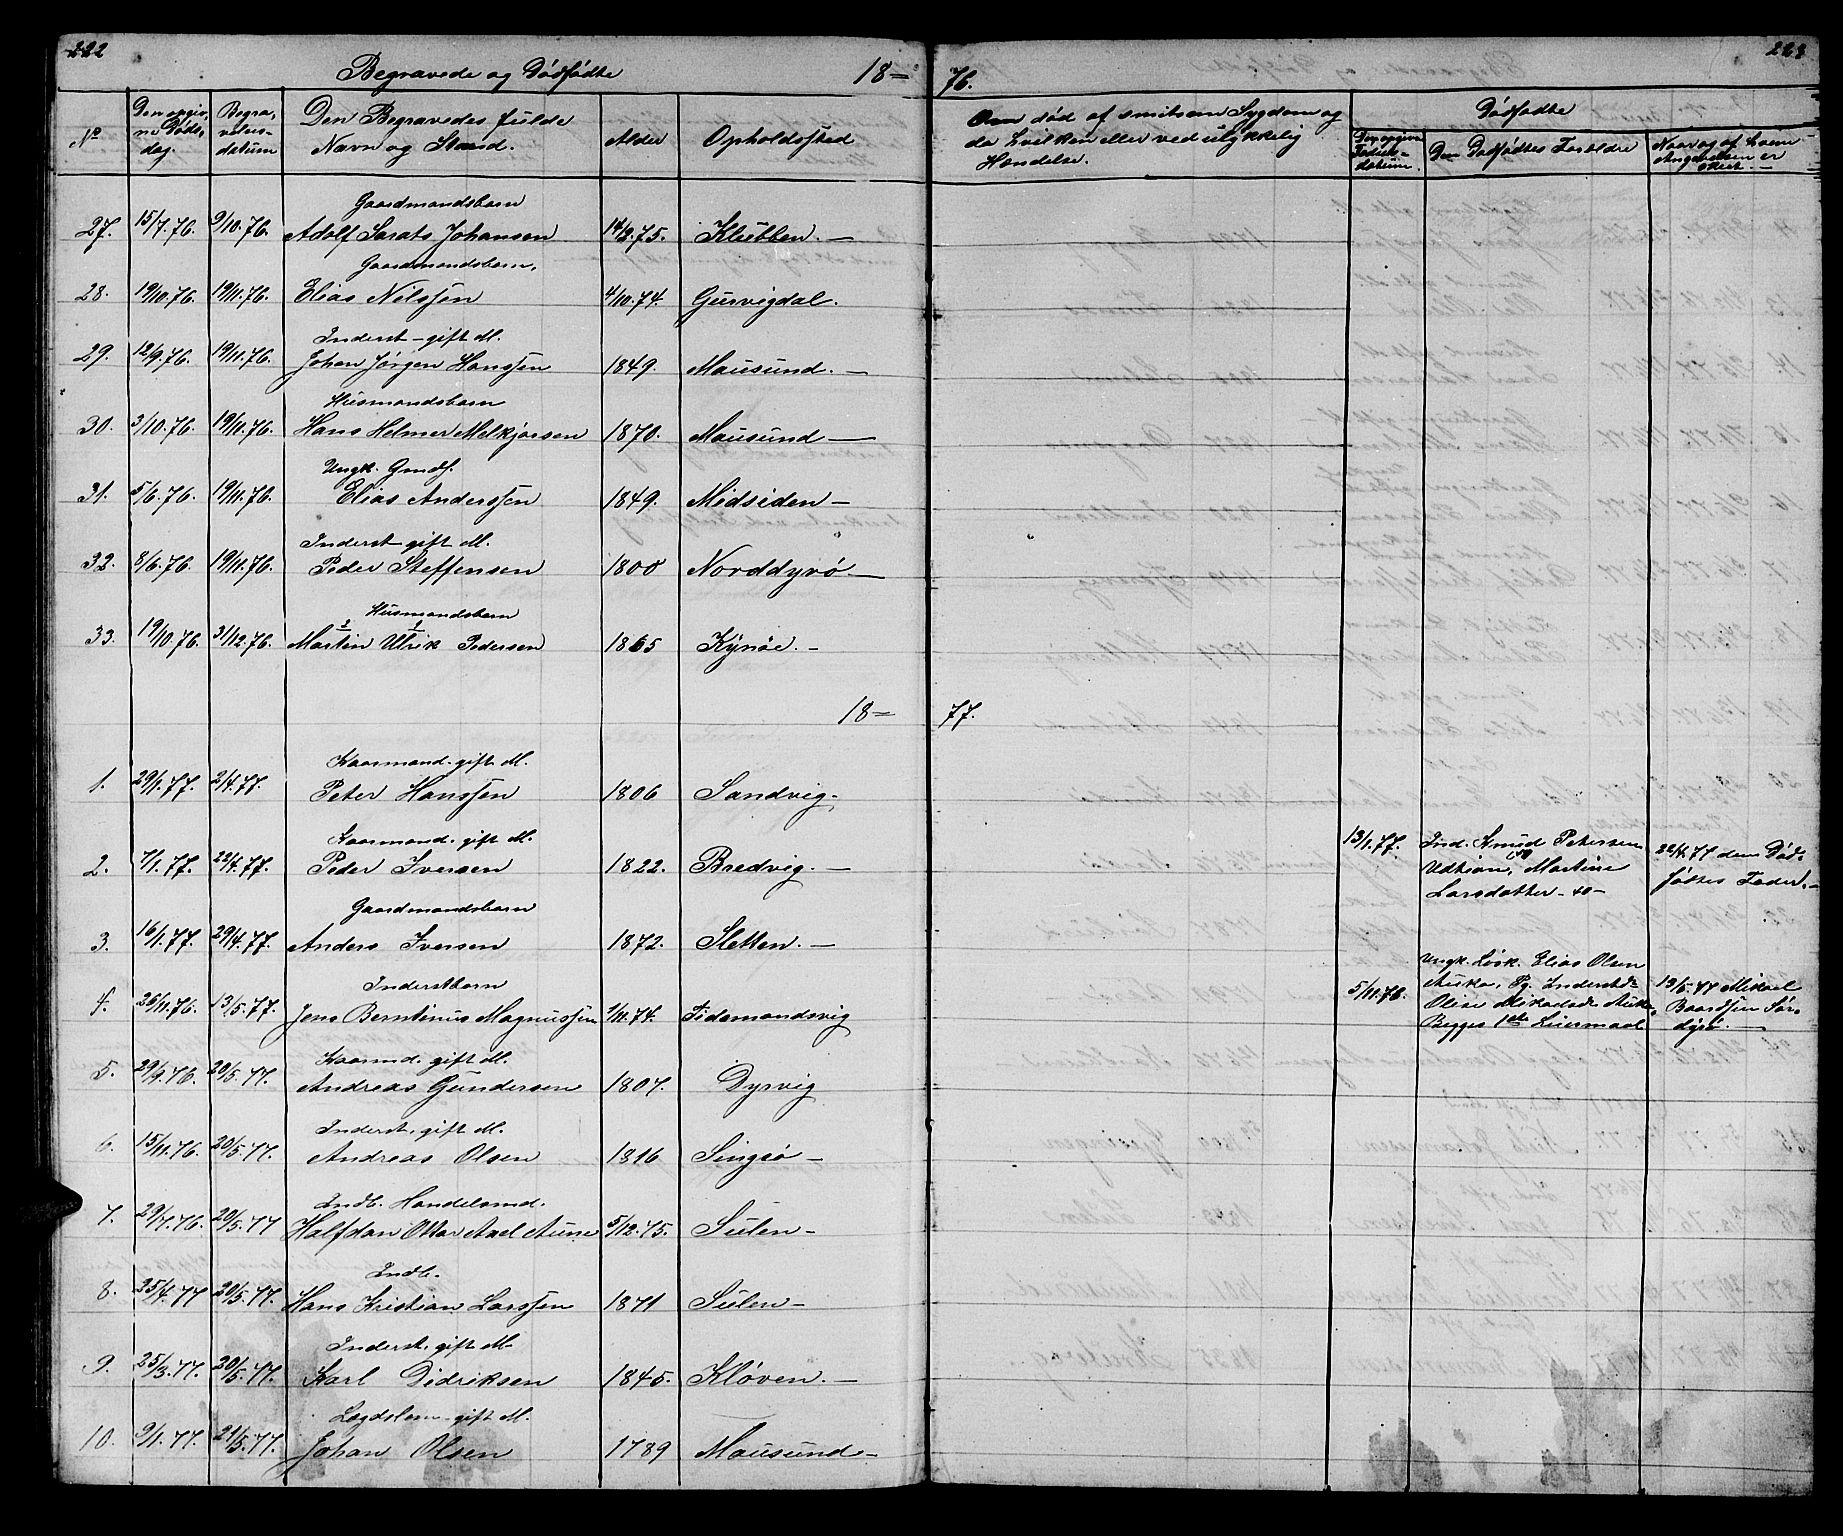 SAT, Ministerialprotokoller, klokkerbøker og fødselsregistre - Sør-Trøndelag, 640/L0583: Klokkerbok nr. 640C01, 1866-1877, s. 222-223